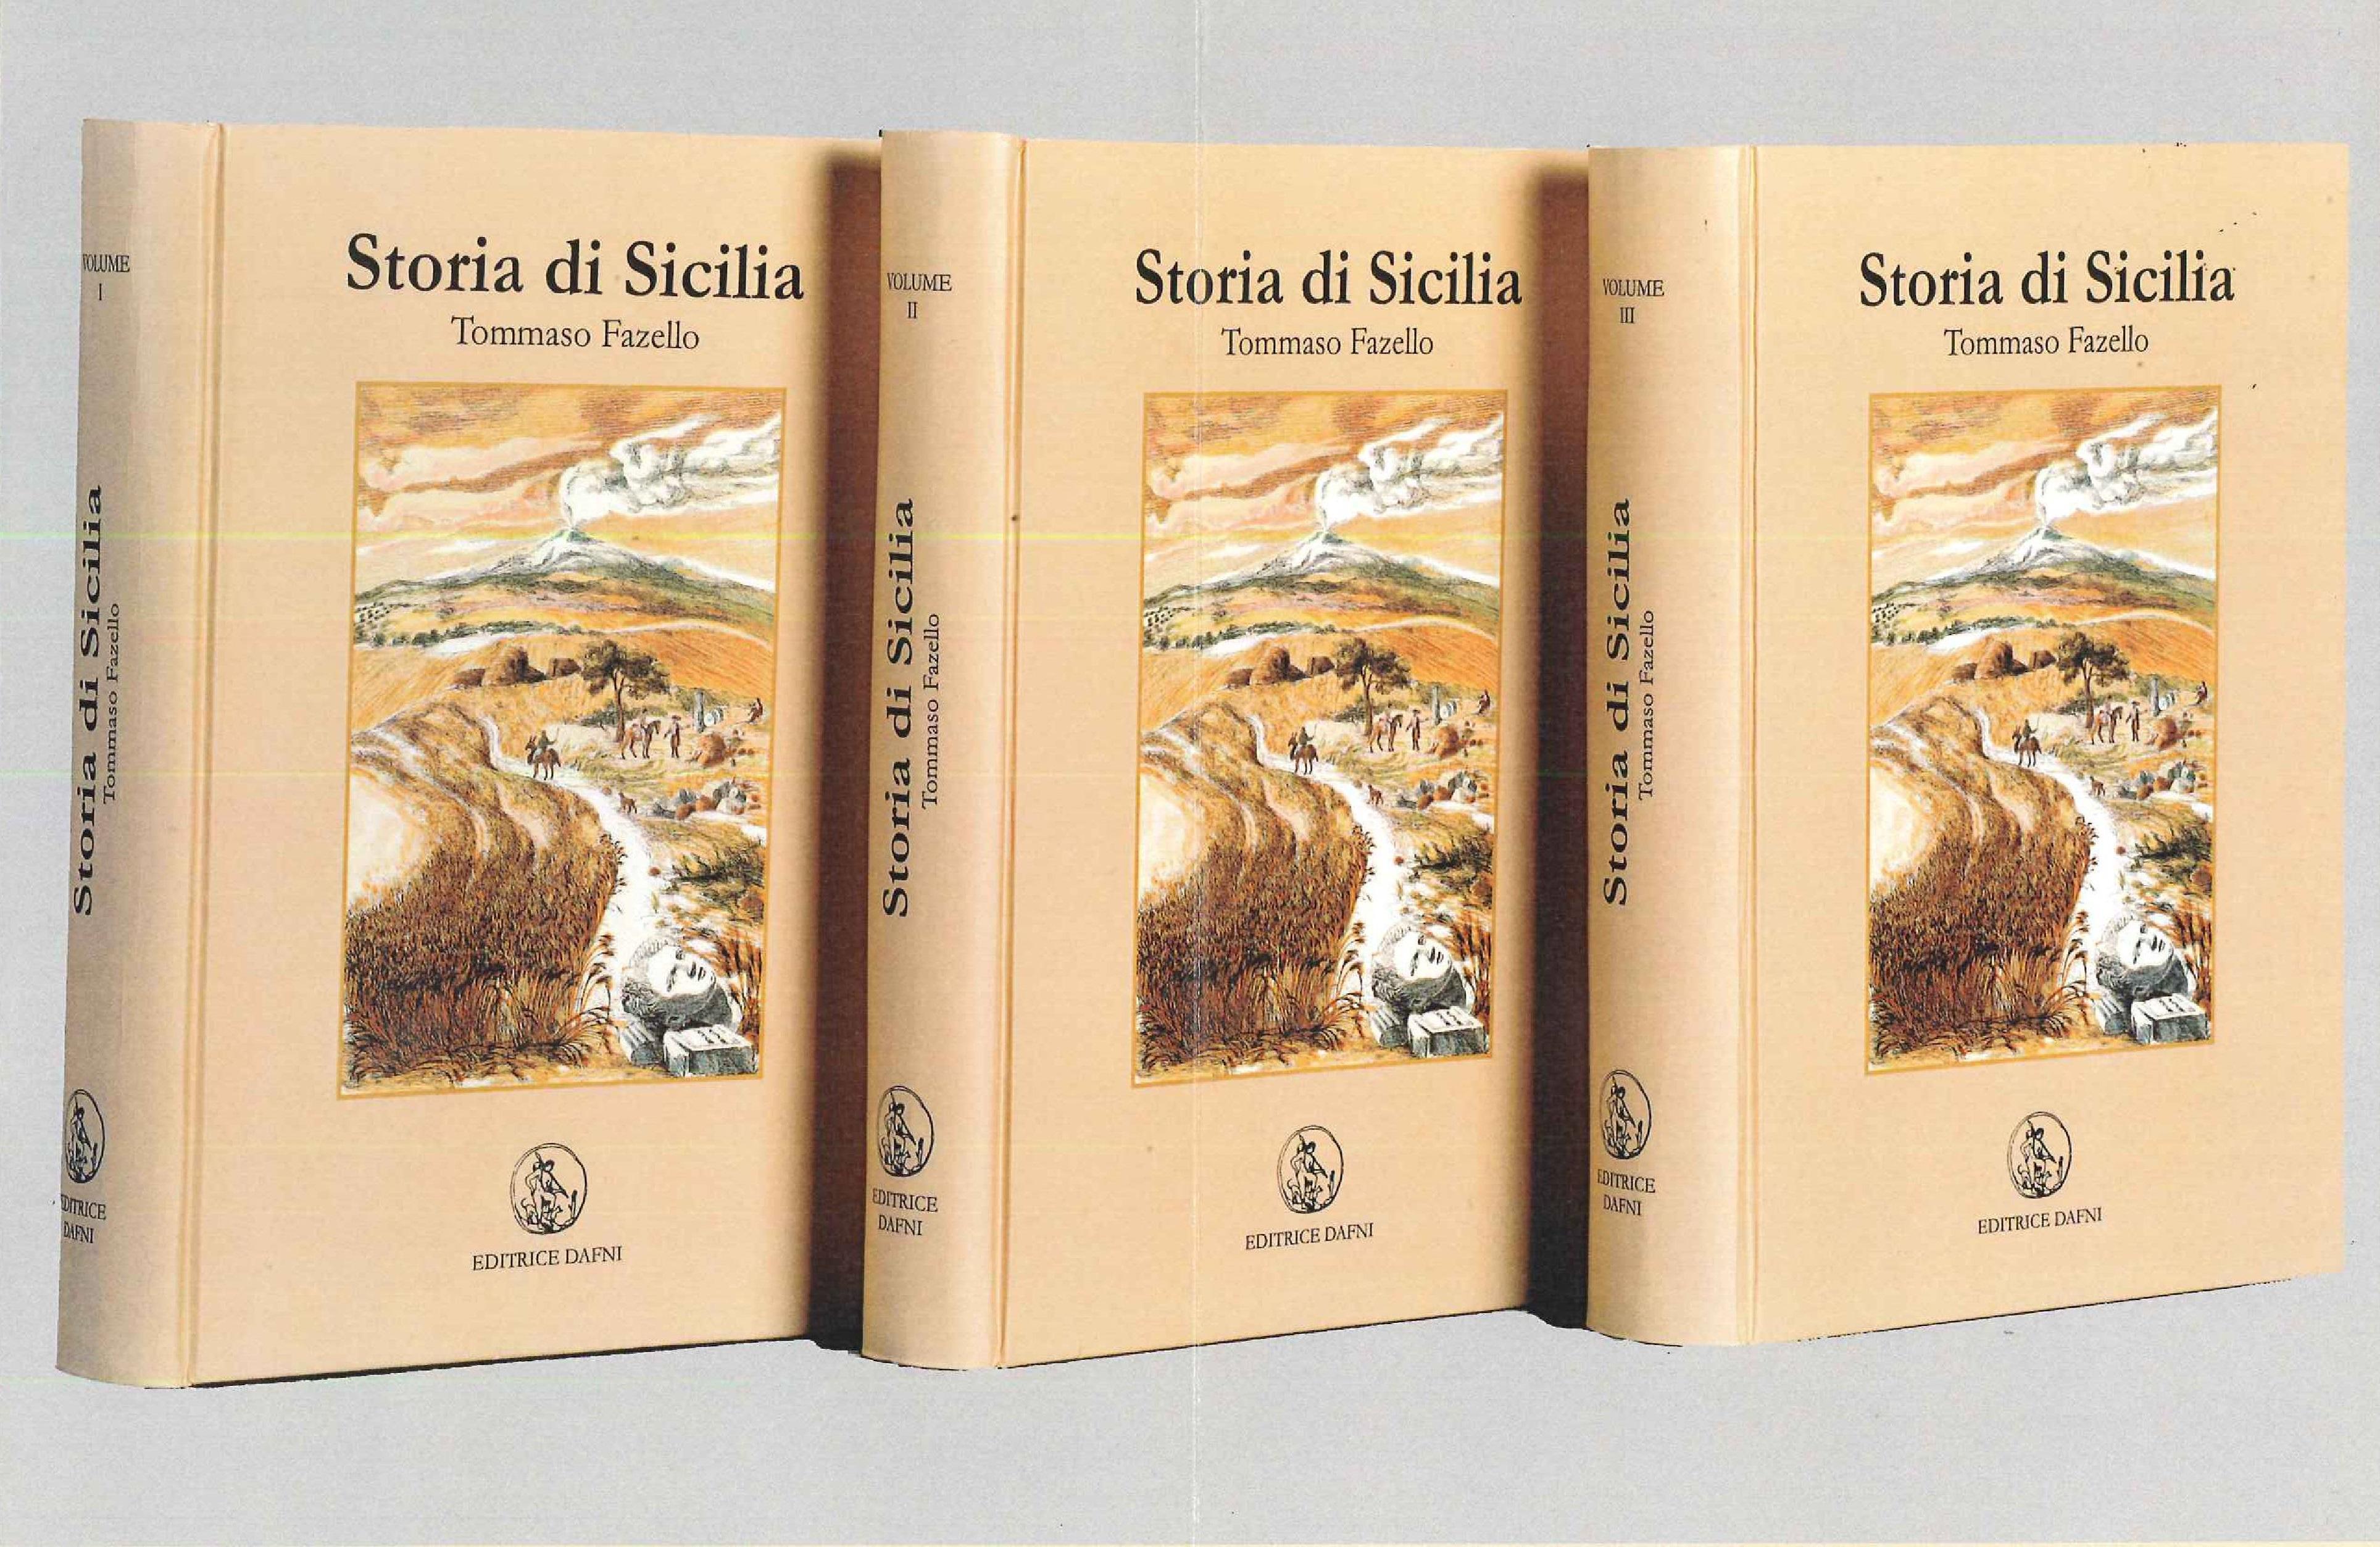 Storia di sicilia 3 voll libreria catania libri libri antichi